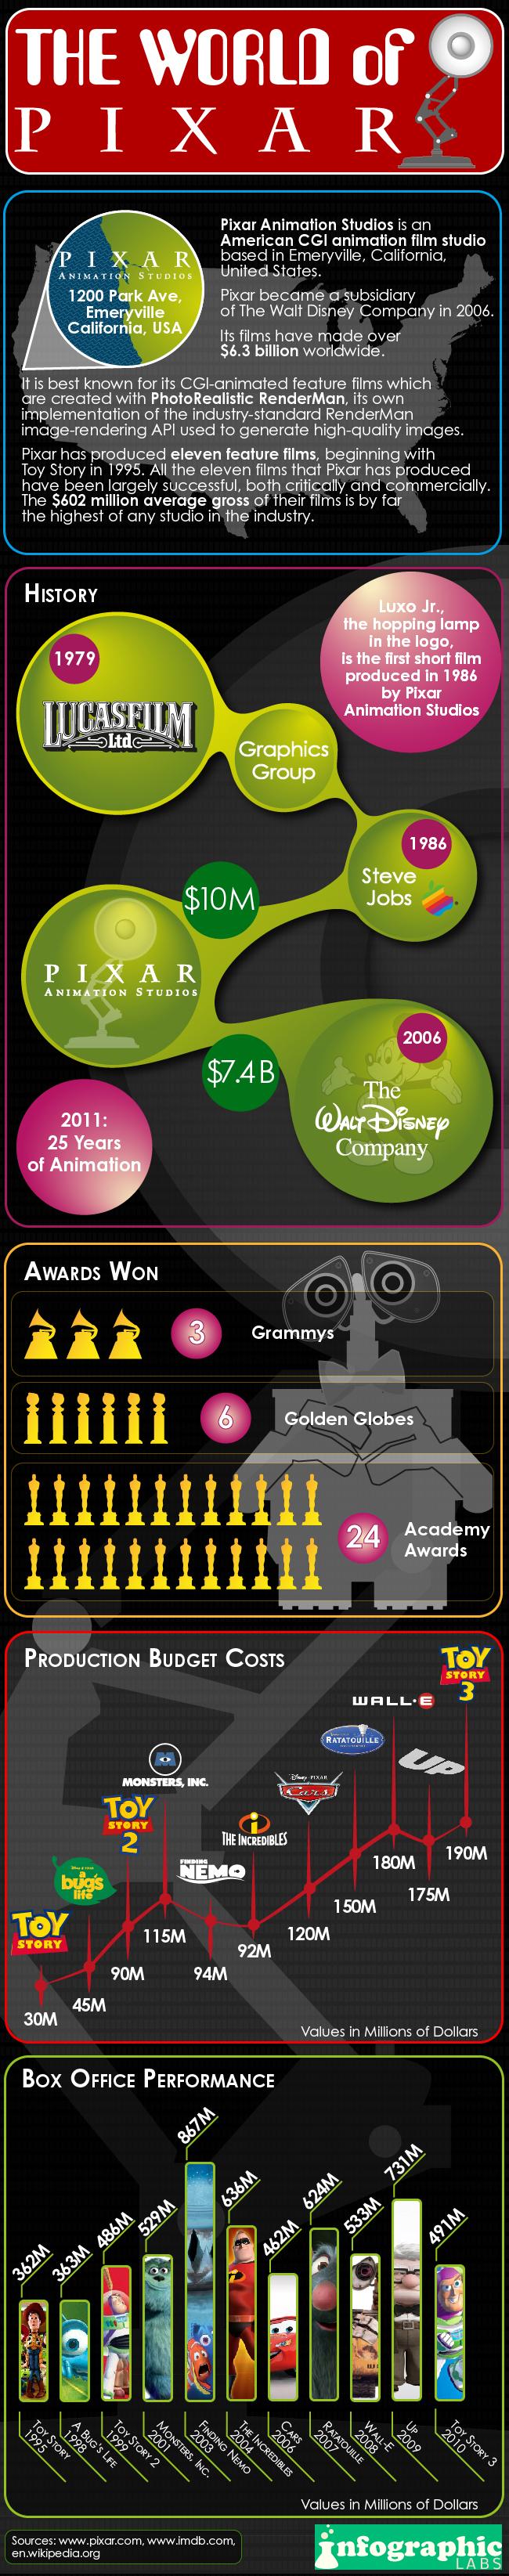 Le monde de Pixar